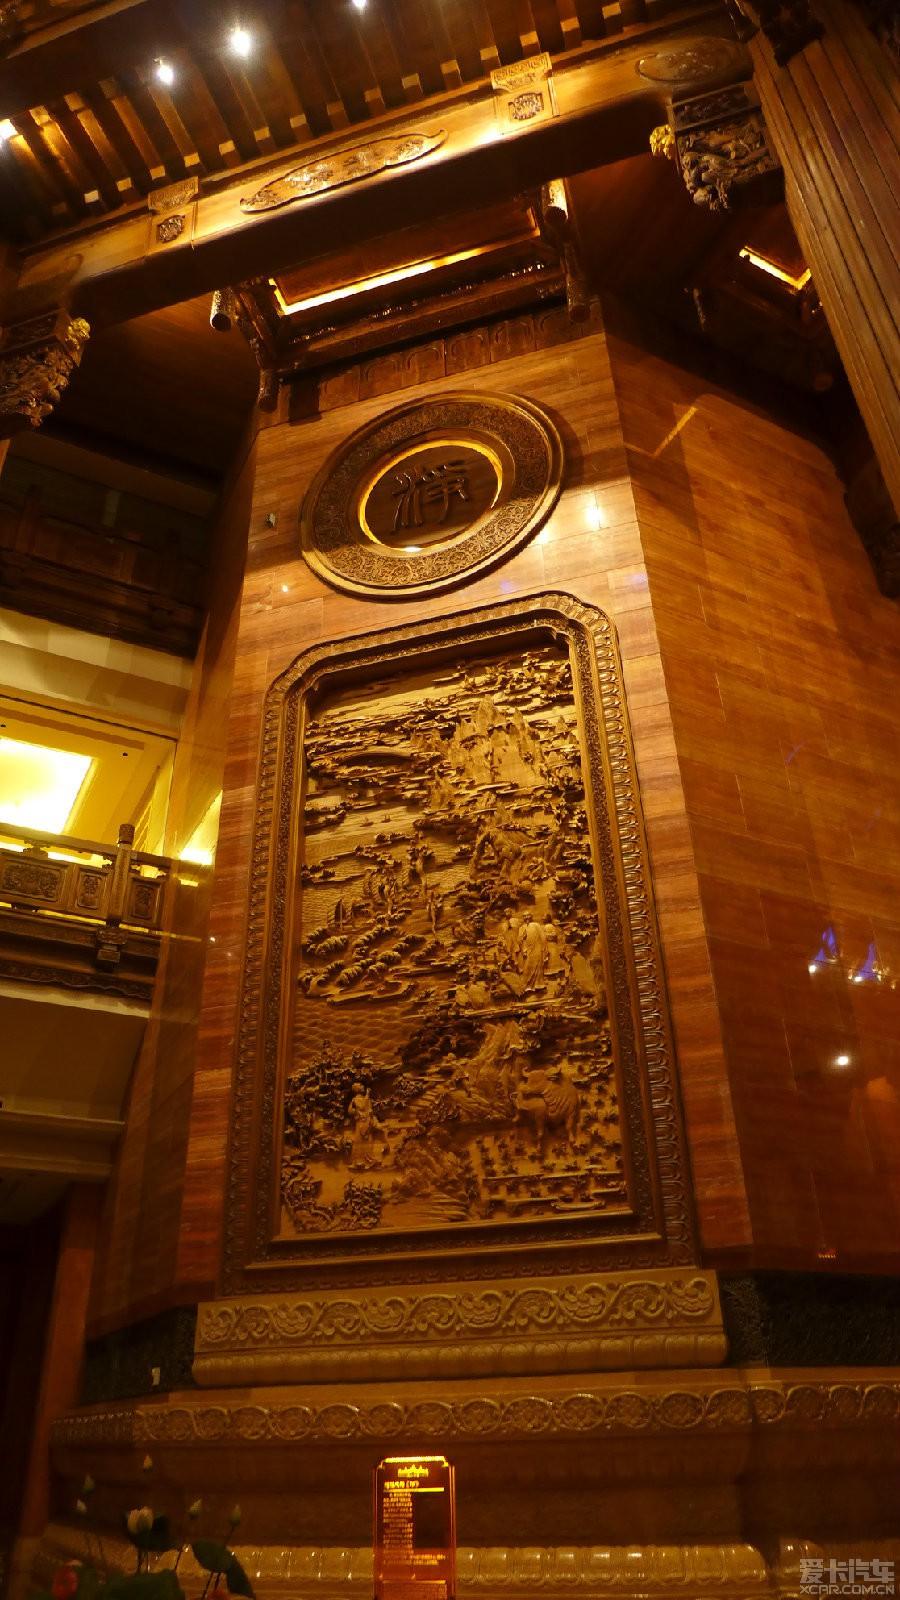 花纹或佛教故事,塔厅的每一层无处不雕花,特别是弧形天花板上密布飞天